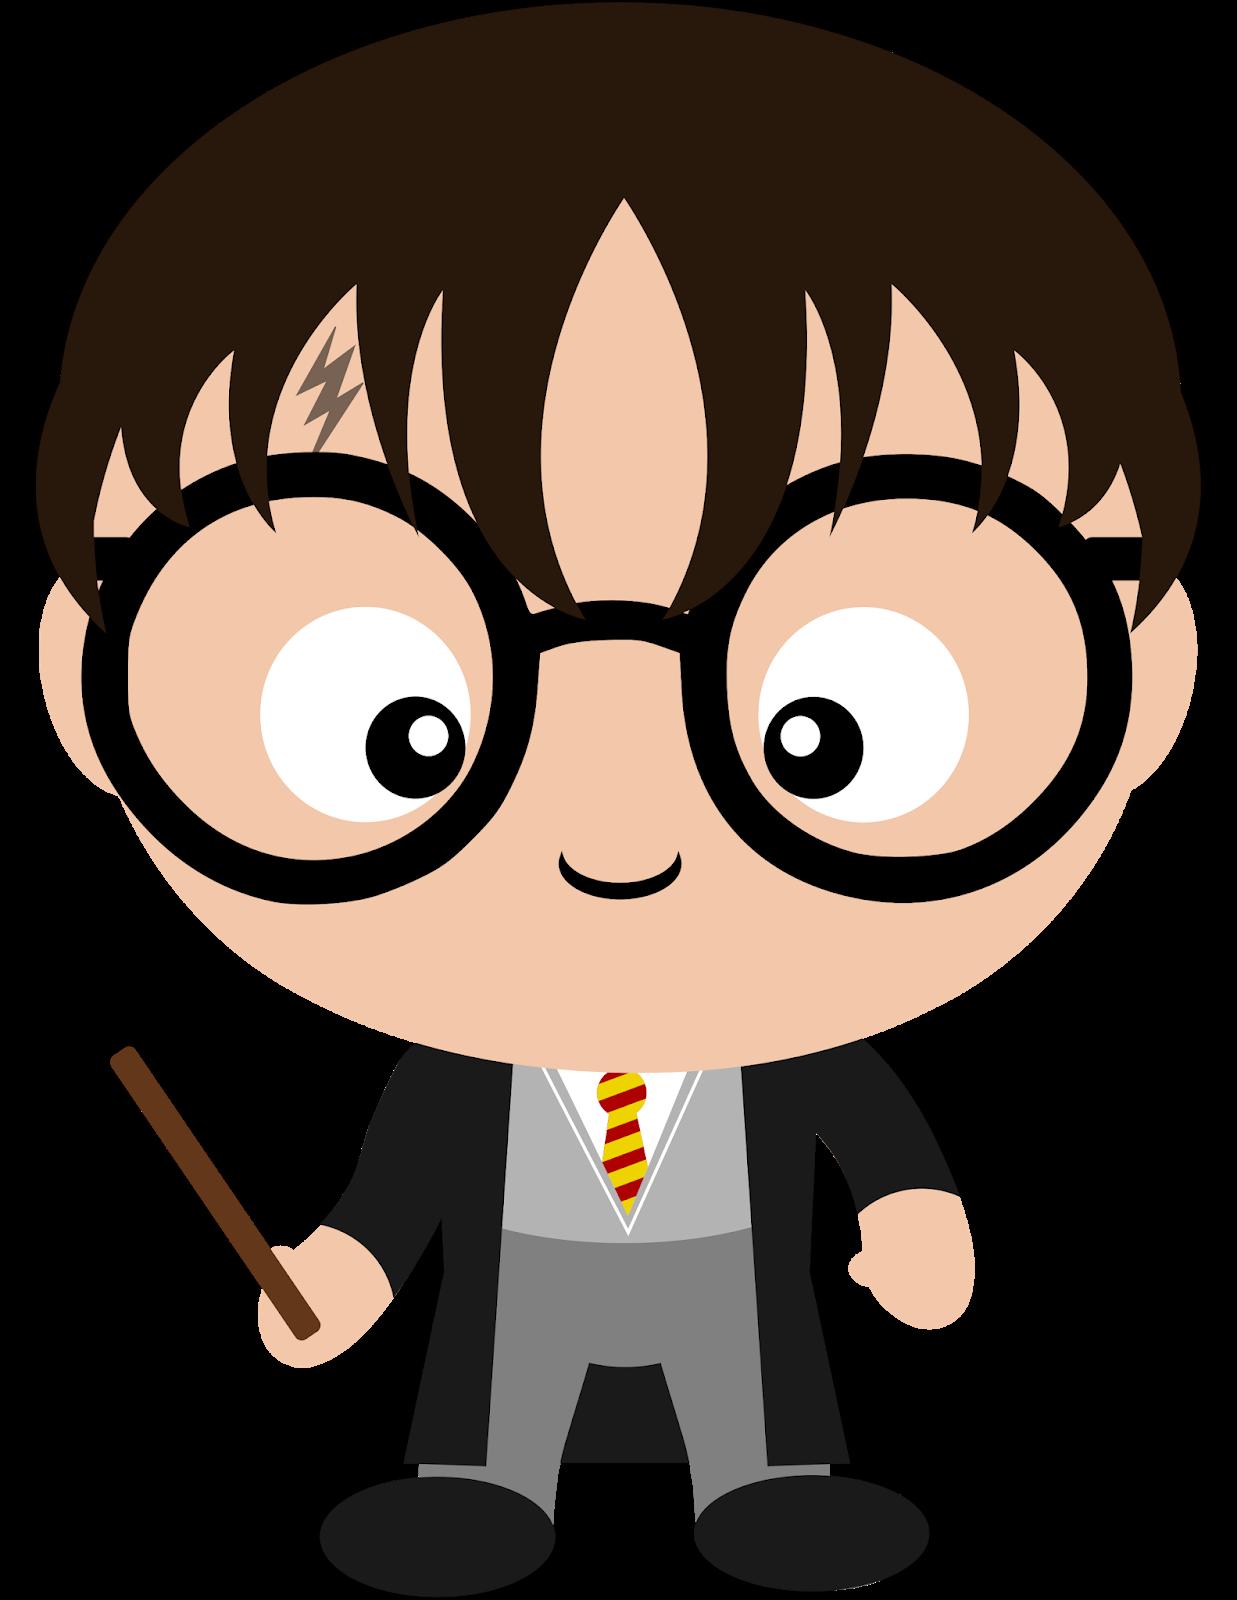 PNG: Harry Potter PNG / Herry Potter png sem fundo em alta